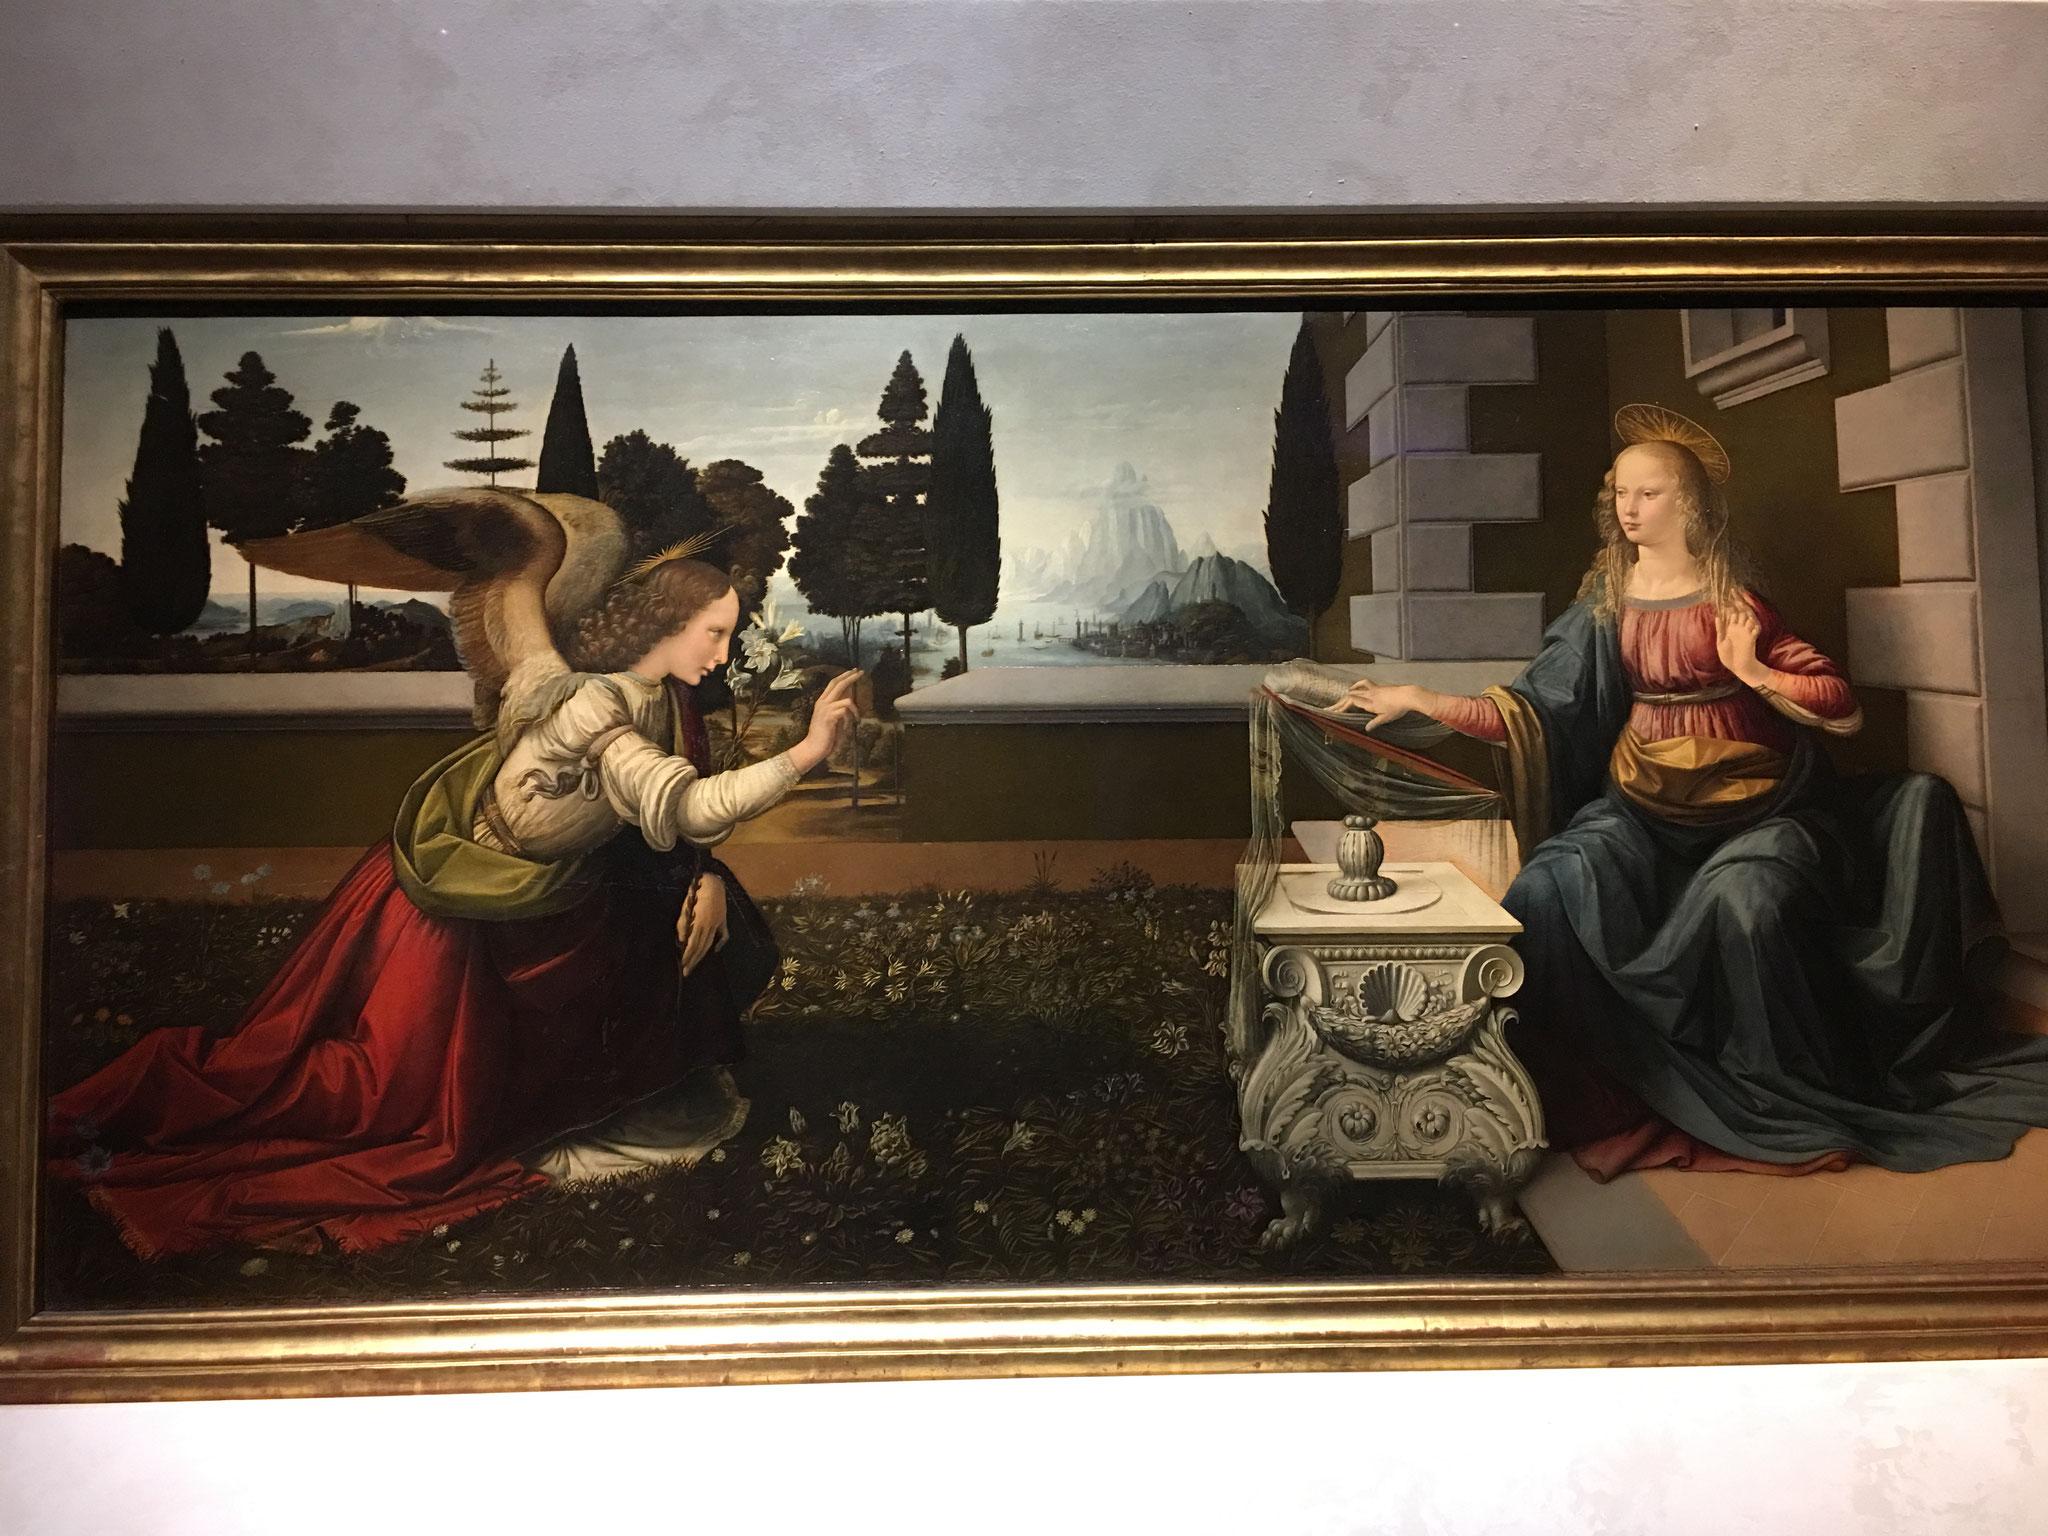 受胎告知。15世紀、レオナルド・ダ・ヴィンチ作。20才頃の最初の単独作品。すでに、スフマート(輪郭を描かない、ぼかし技法)を用いた背景や遠近法に彼の特徴が現れています。